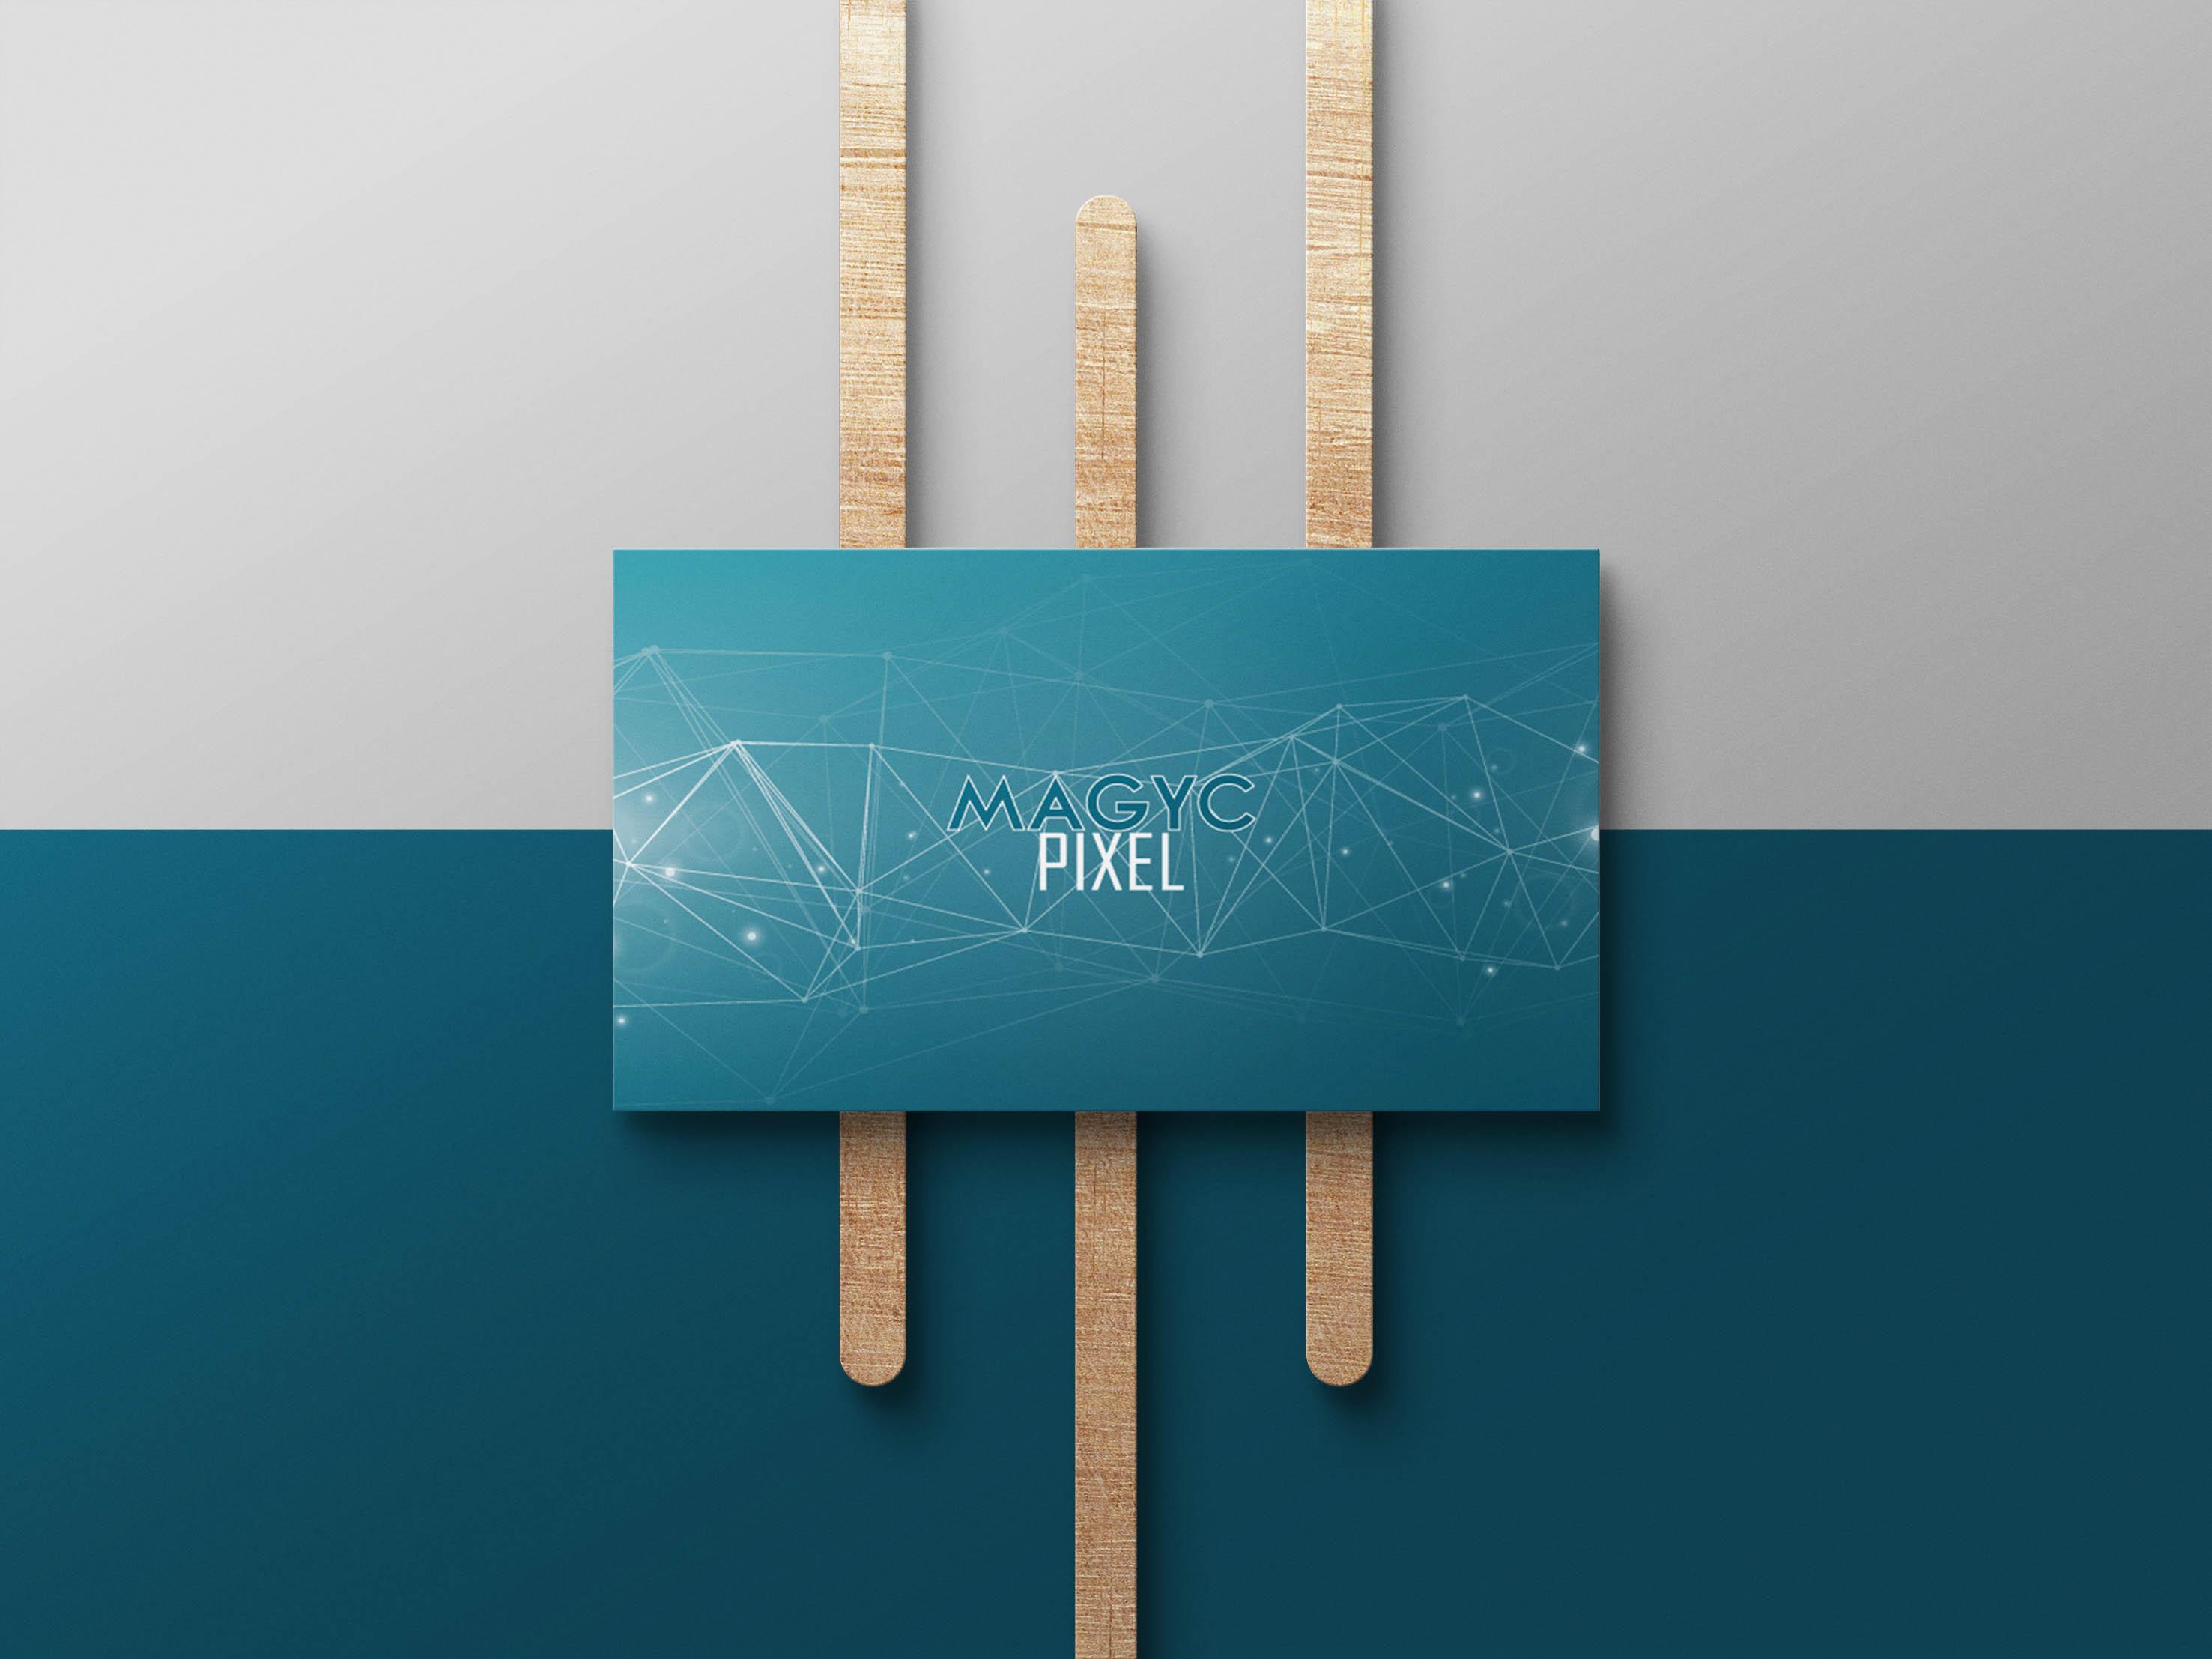 Magyc pixel